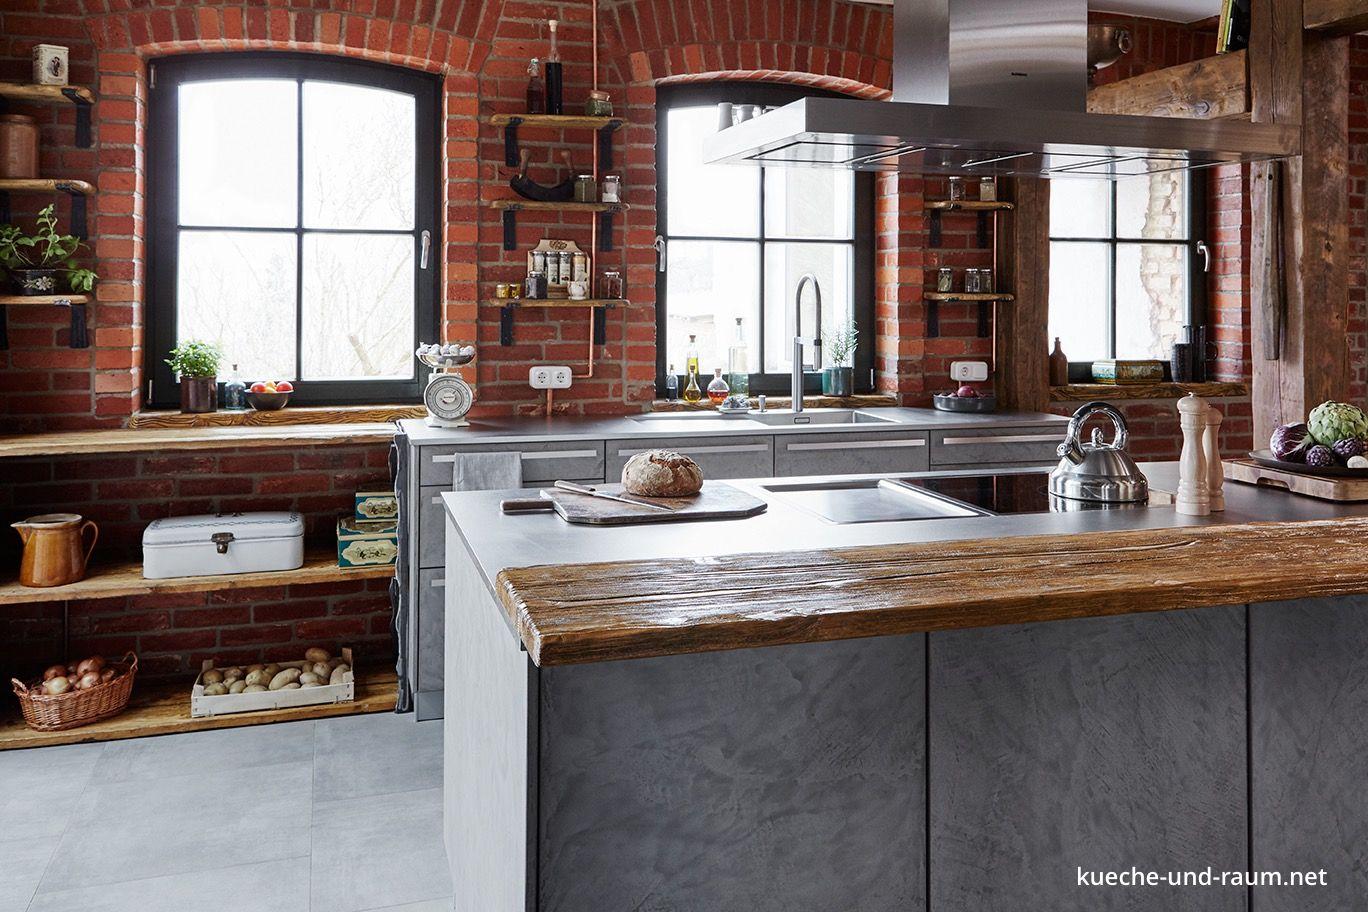 praktisch und schick die moderne kochinsel im mittelpunkt der kche kann von allen seiten genutzt - Moderne Kochinsel